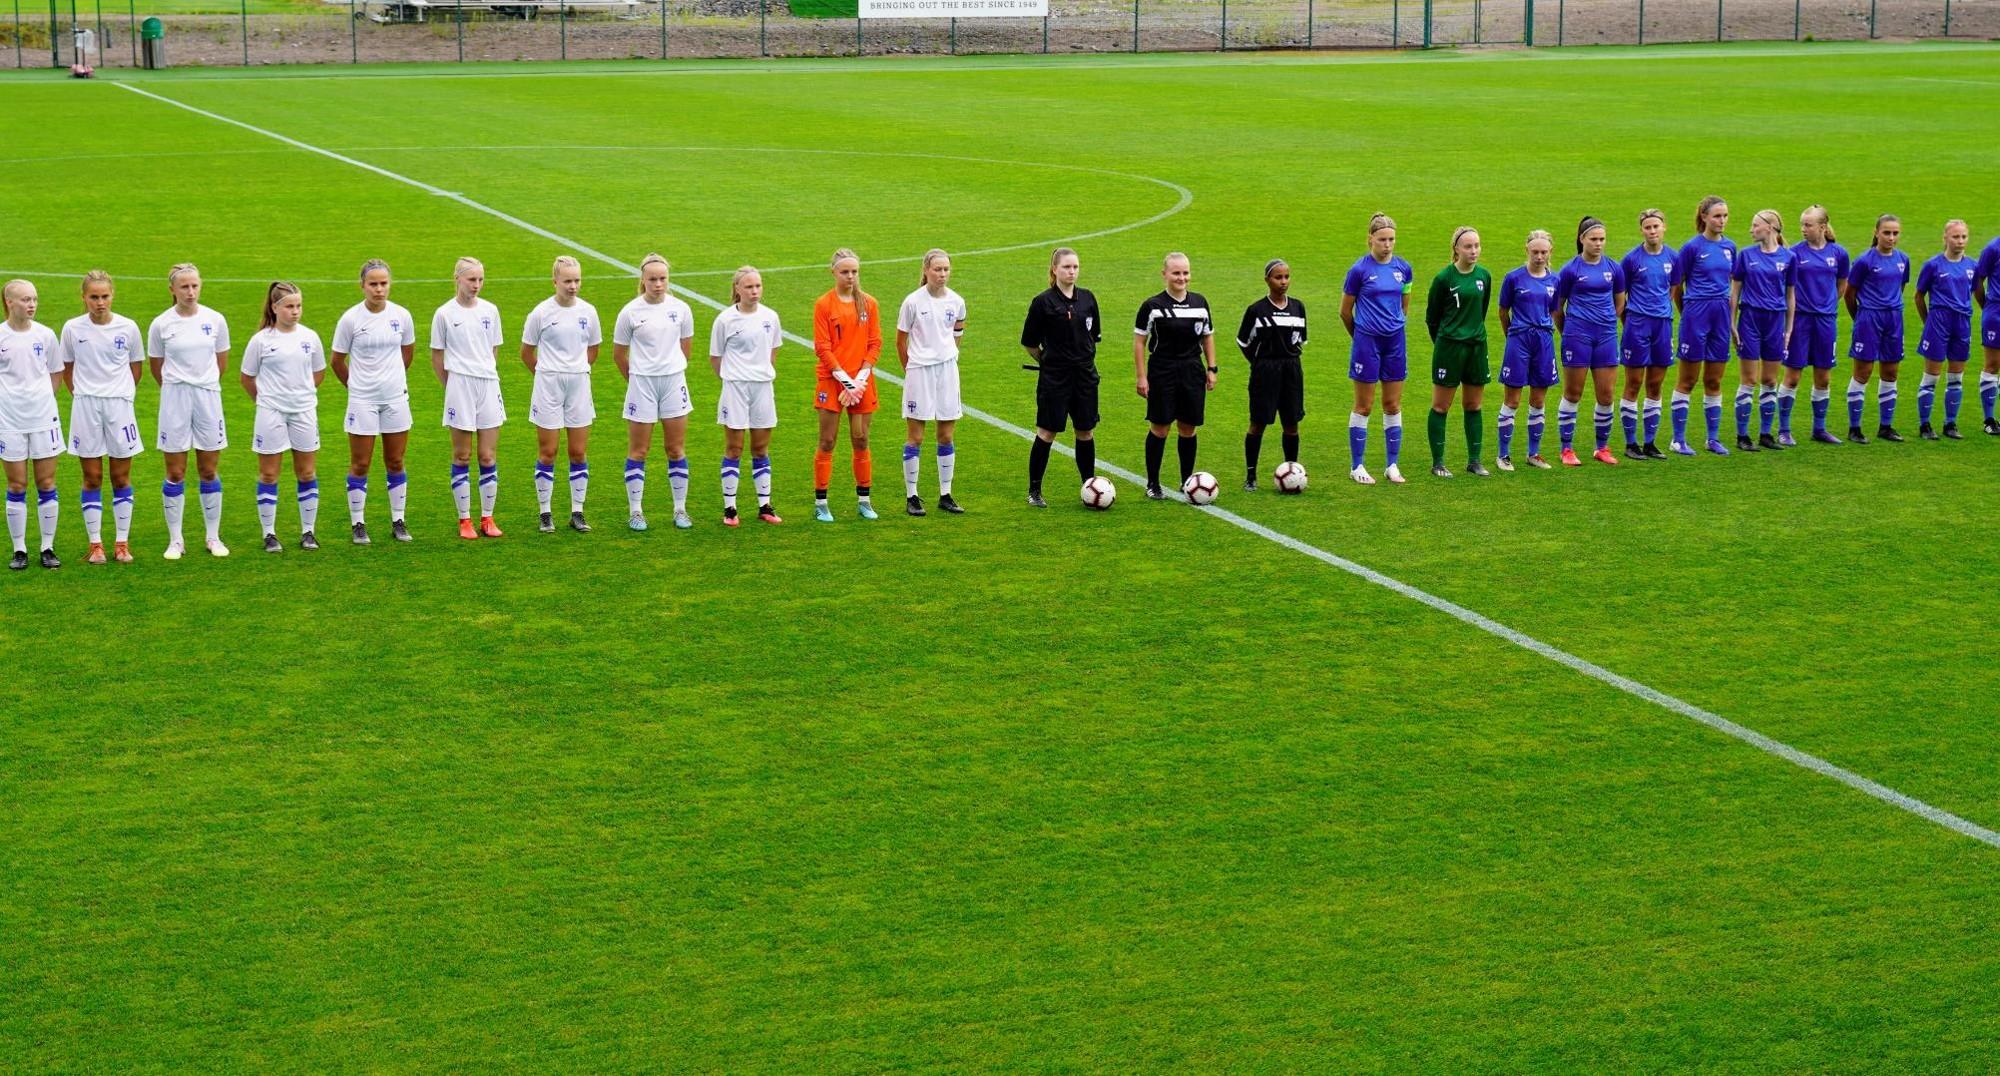 Palloliitto tyttöjen maajoukkue